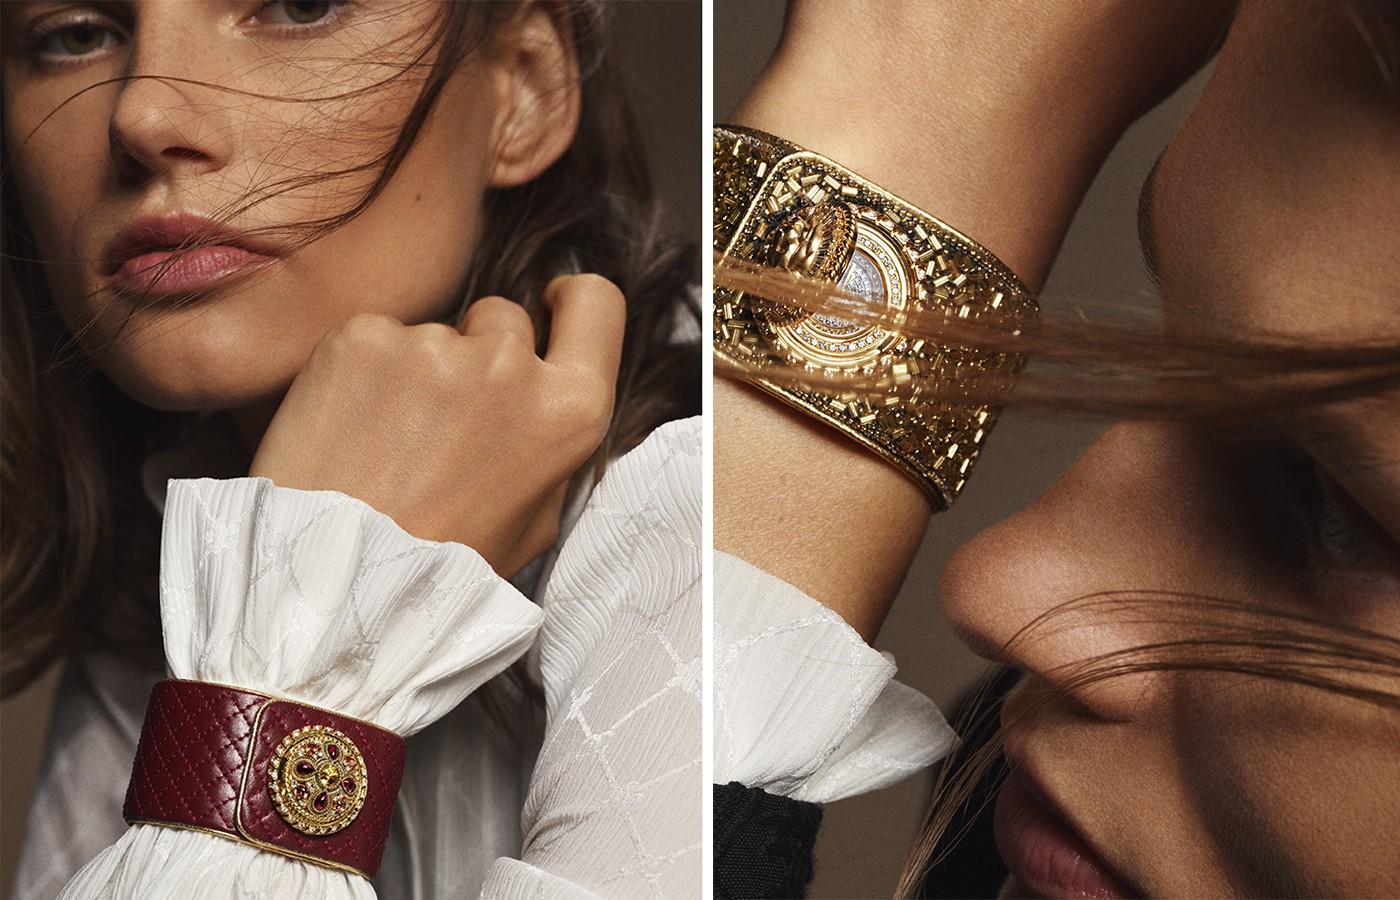 香奈儿手表:女性独享之表